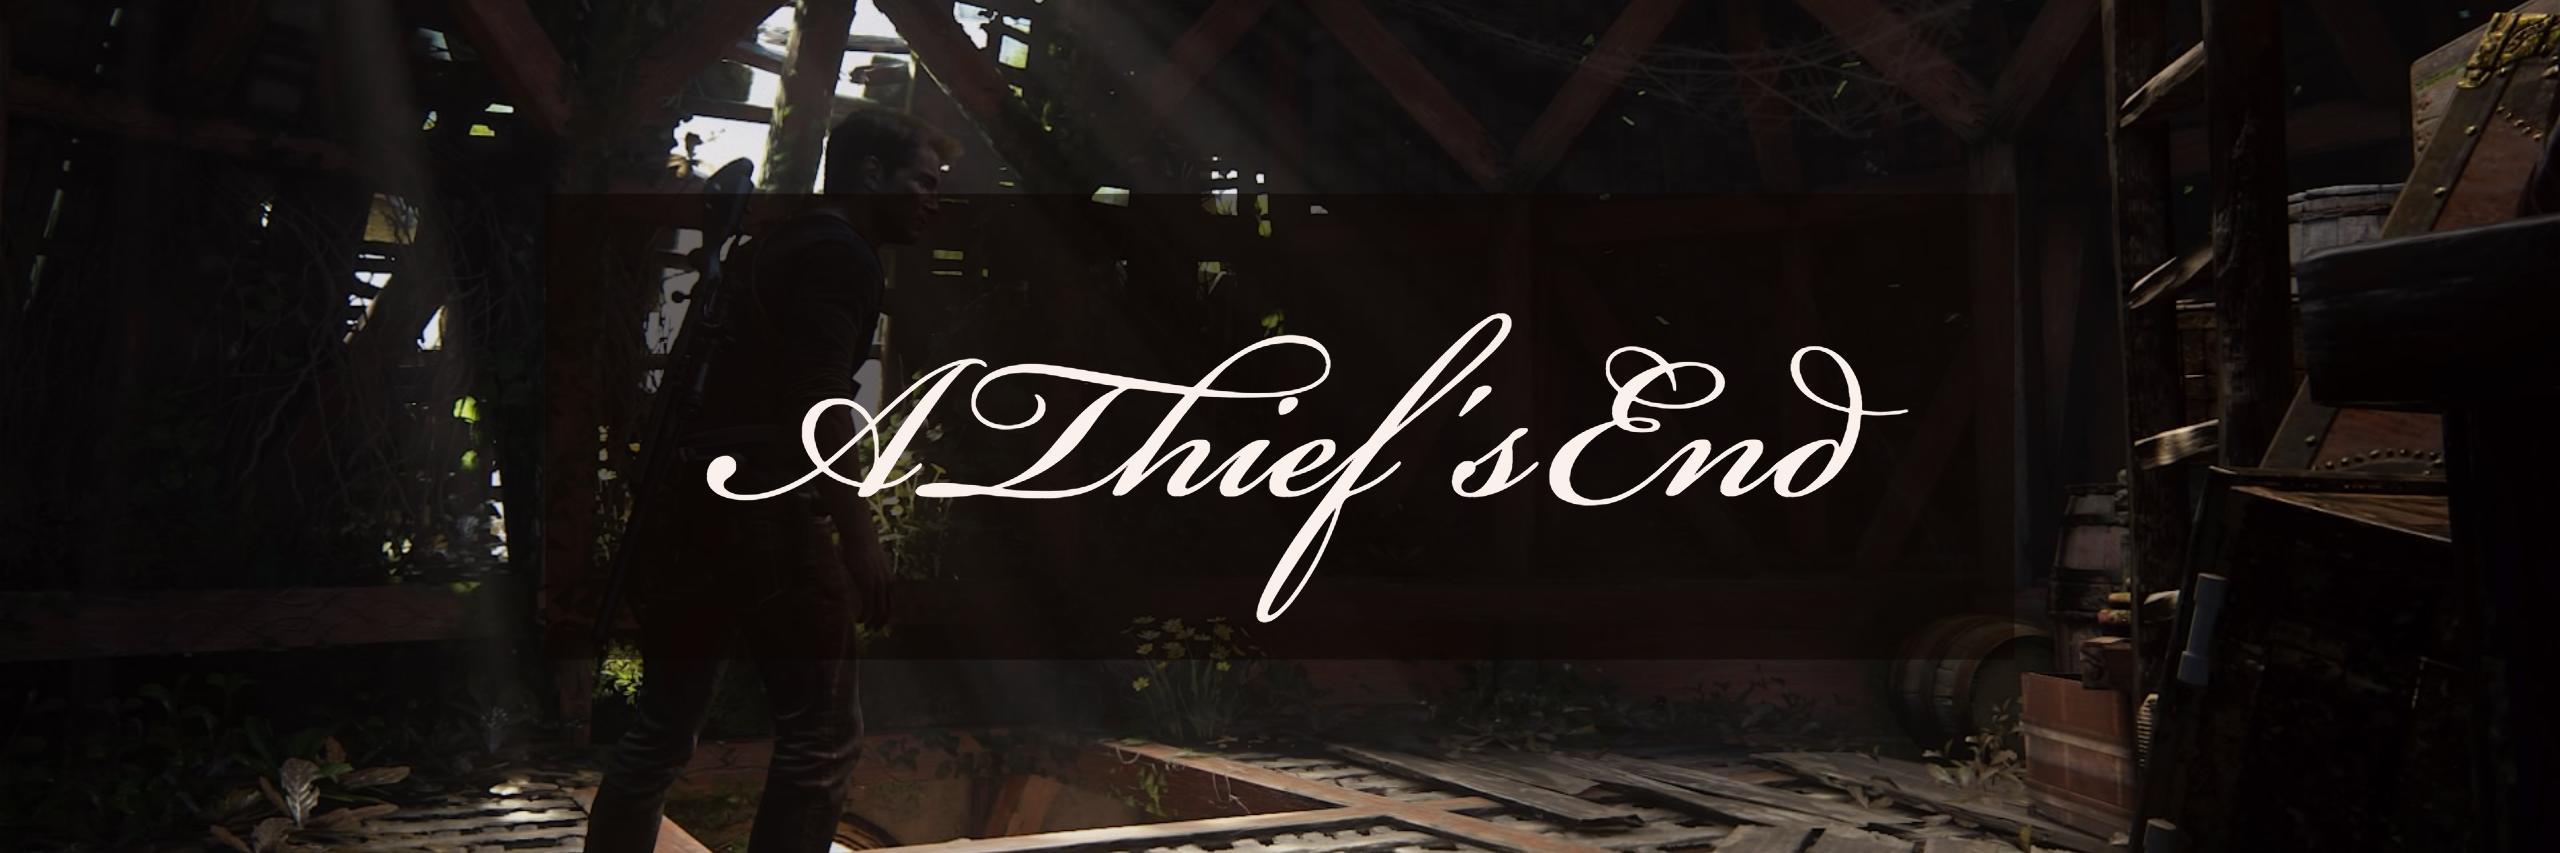 Uncharted 4. [ночное] - Изображение 3